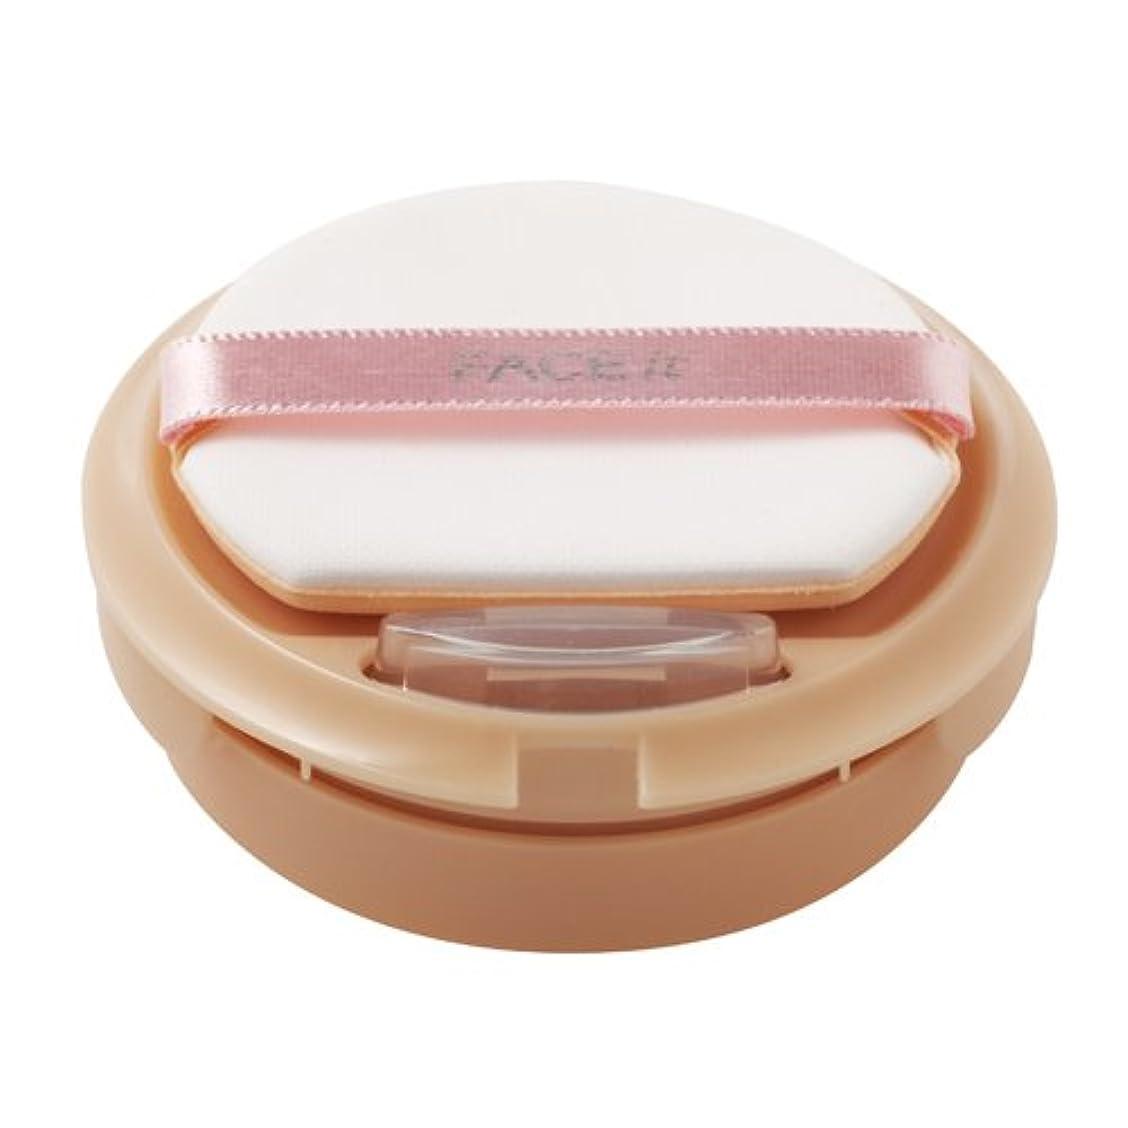 隔離芝生マークされた[Refill] # 01 Radiant Beige THE FACE SHOP Face It Aura Color Control Cream ザフェイスショップ フェイスイット アウラ カラーコントロール クリーム...